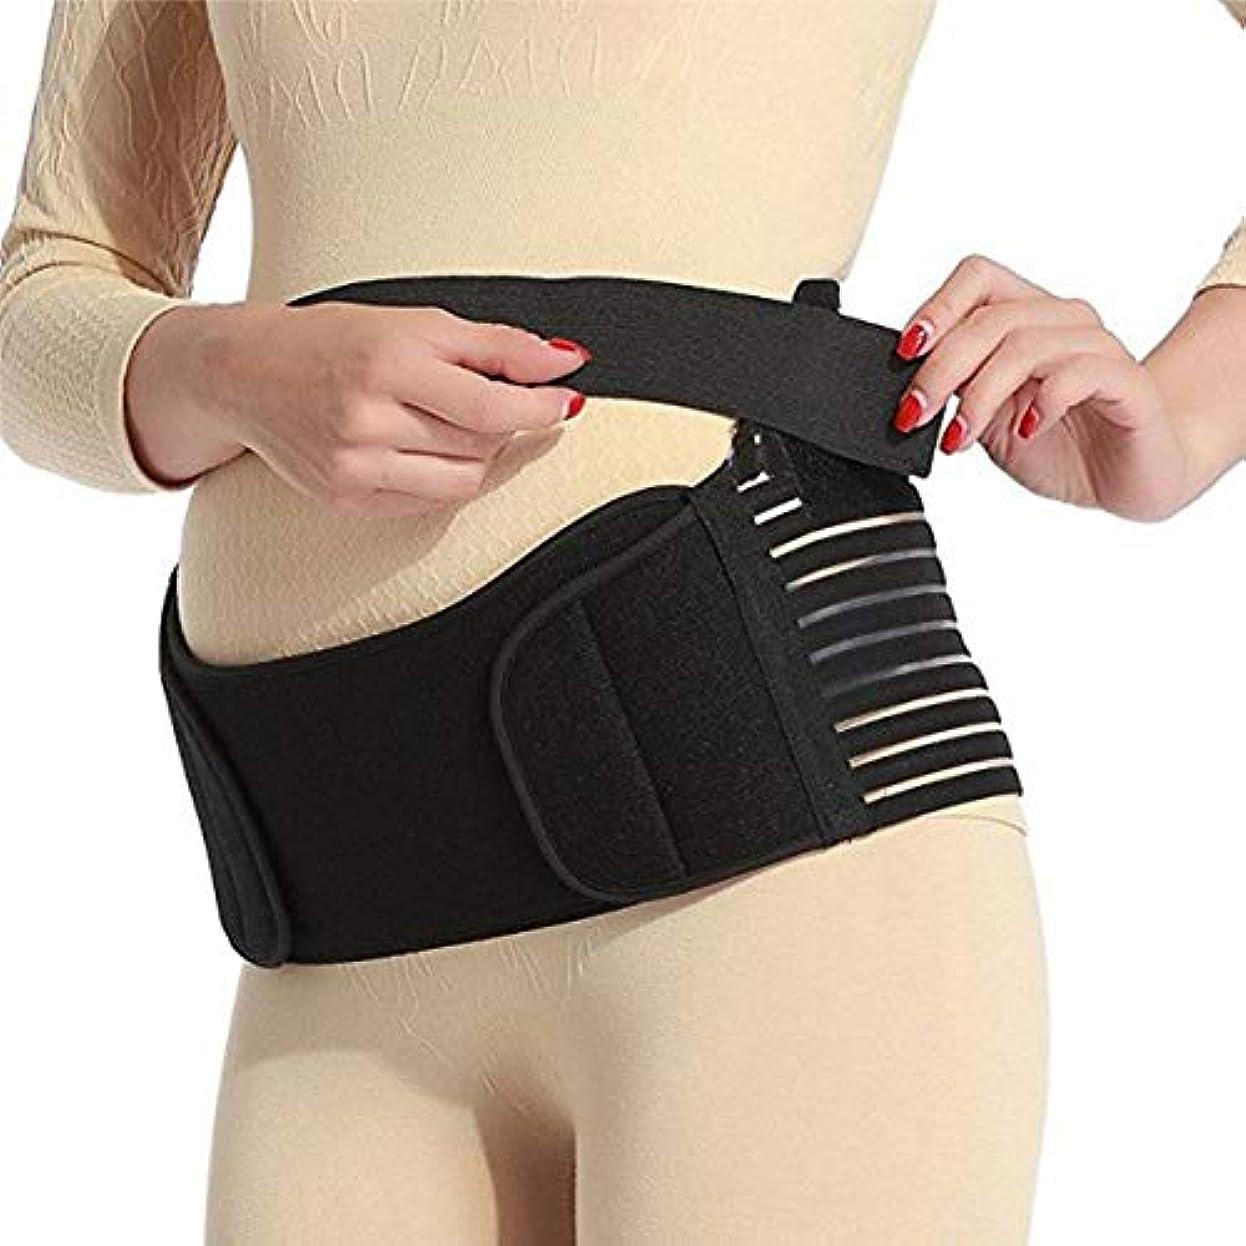 からに変化するベーリング海峡浪費通気性マタニティベルト妊娠中の腹部サポート腹部バインダーガードル運動包帯産後の回復shapewear - ブラックM